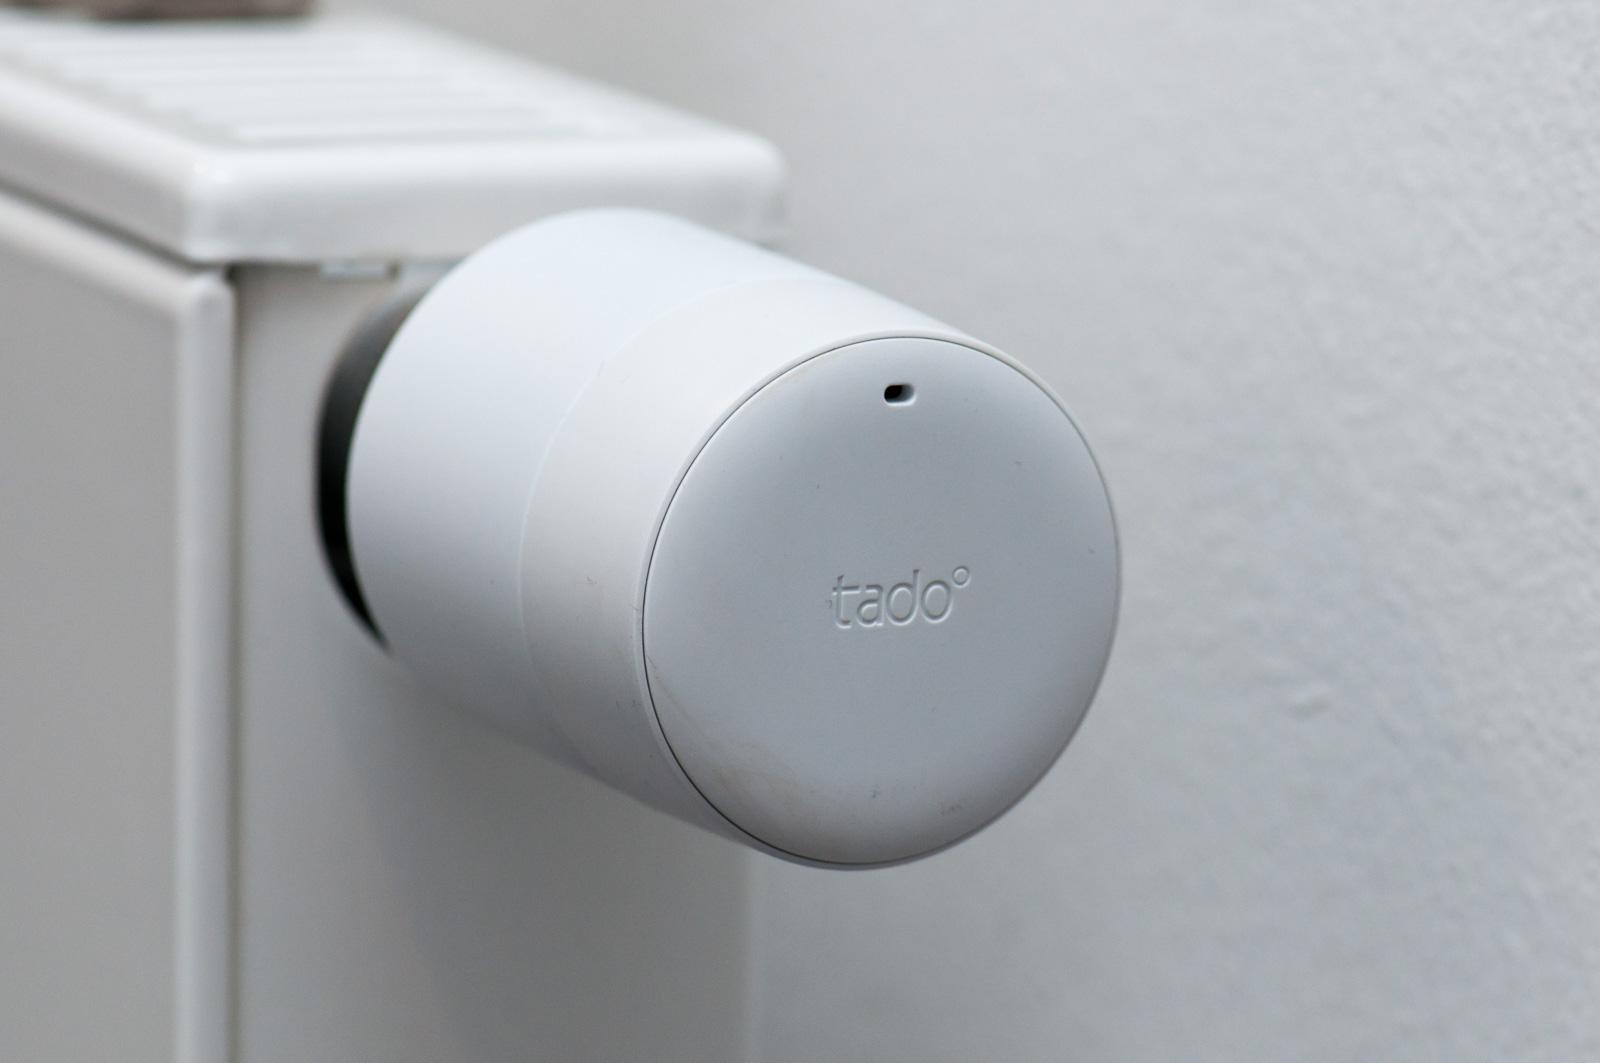 Tado im Test: Heizkörperthermostate mit effizientem Stalker-Modus - Das Thermostat ist erstaunlich schlicht im Design. (Foto: Andreas Sebayang/Golem.de)